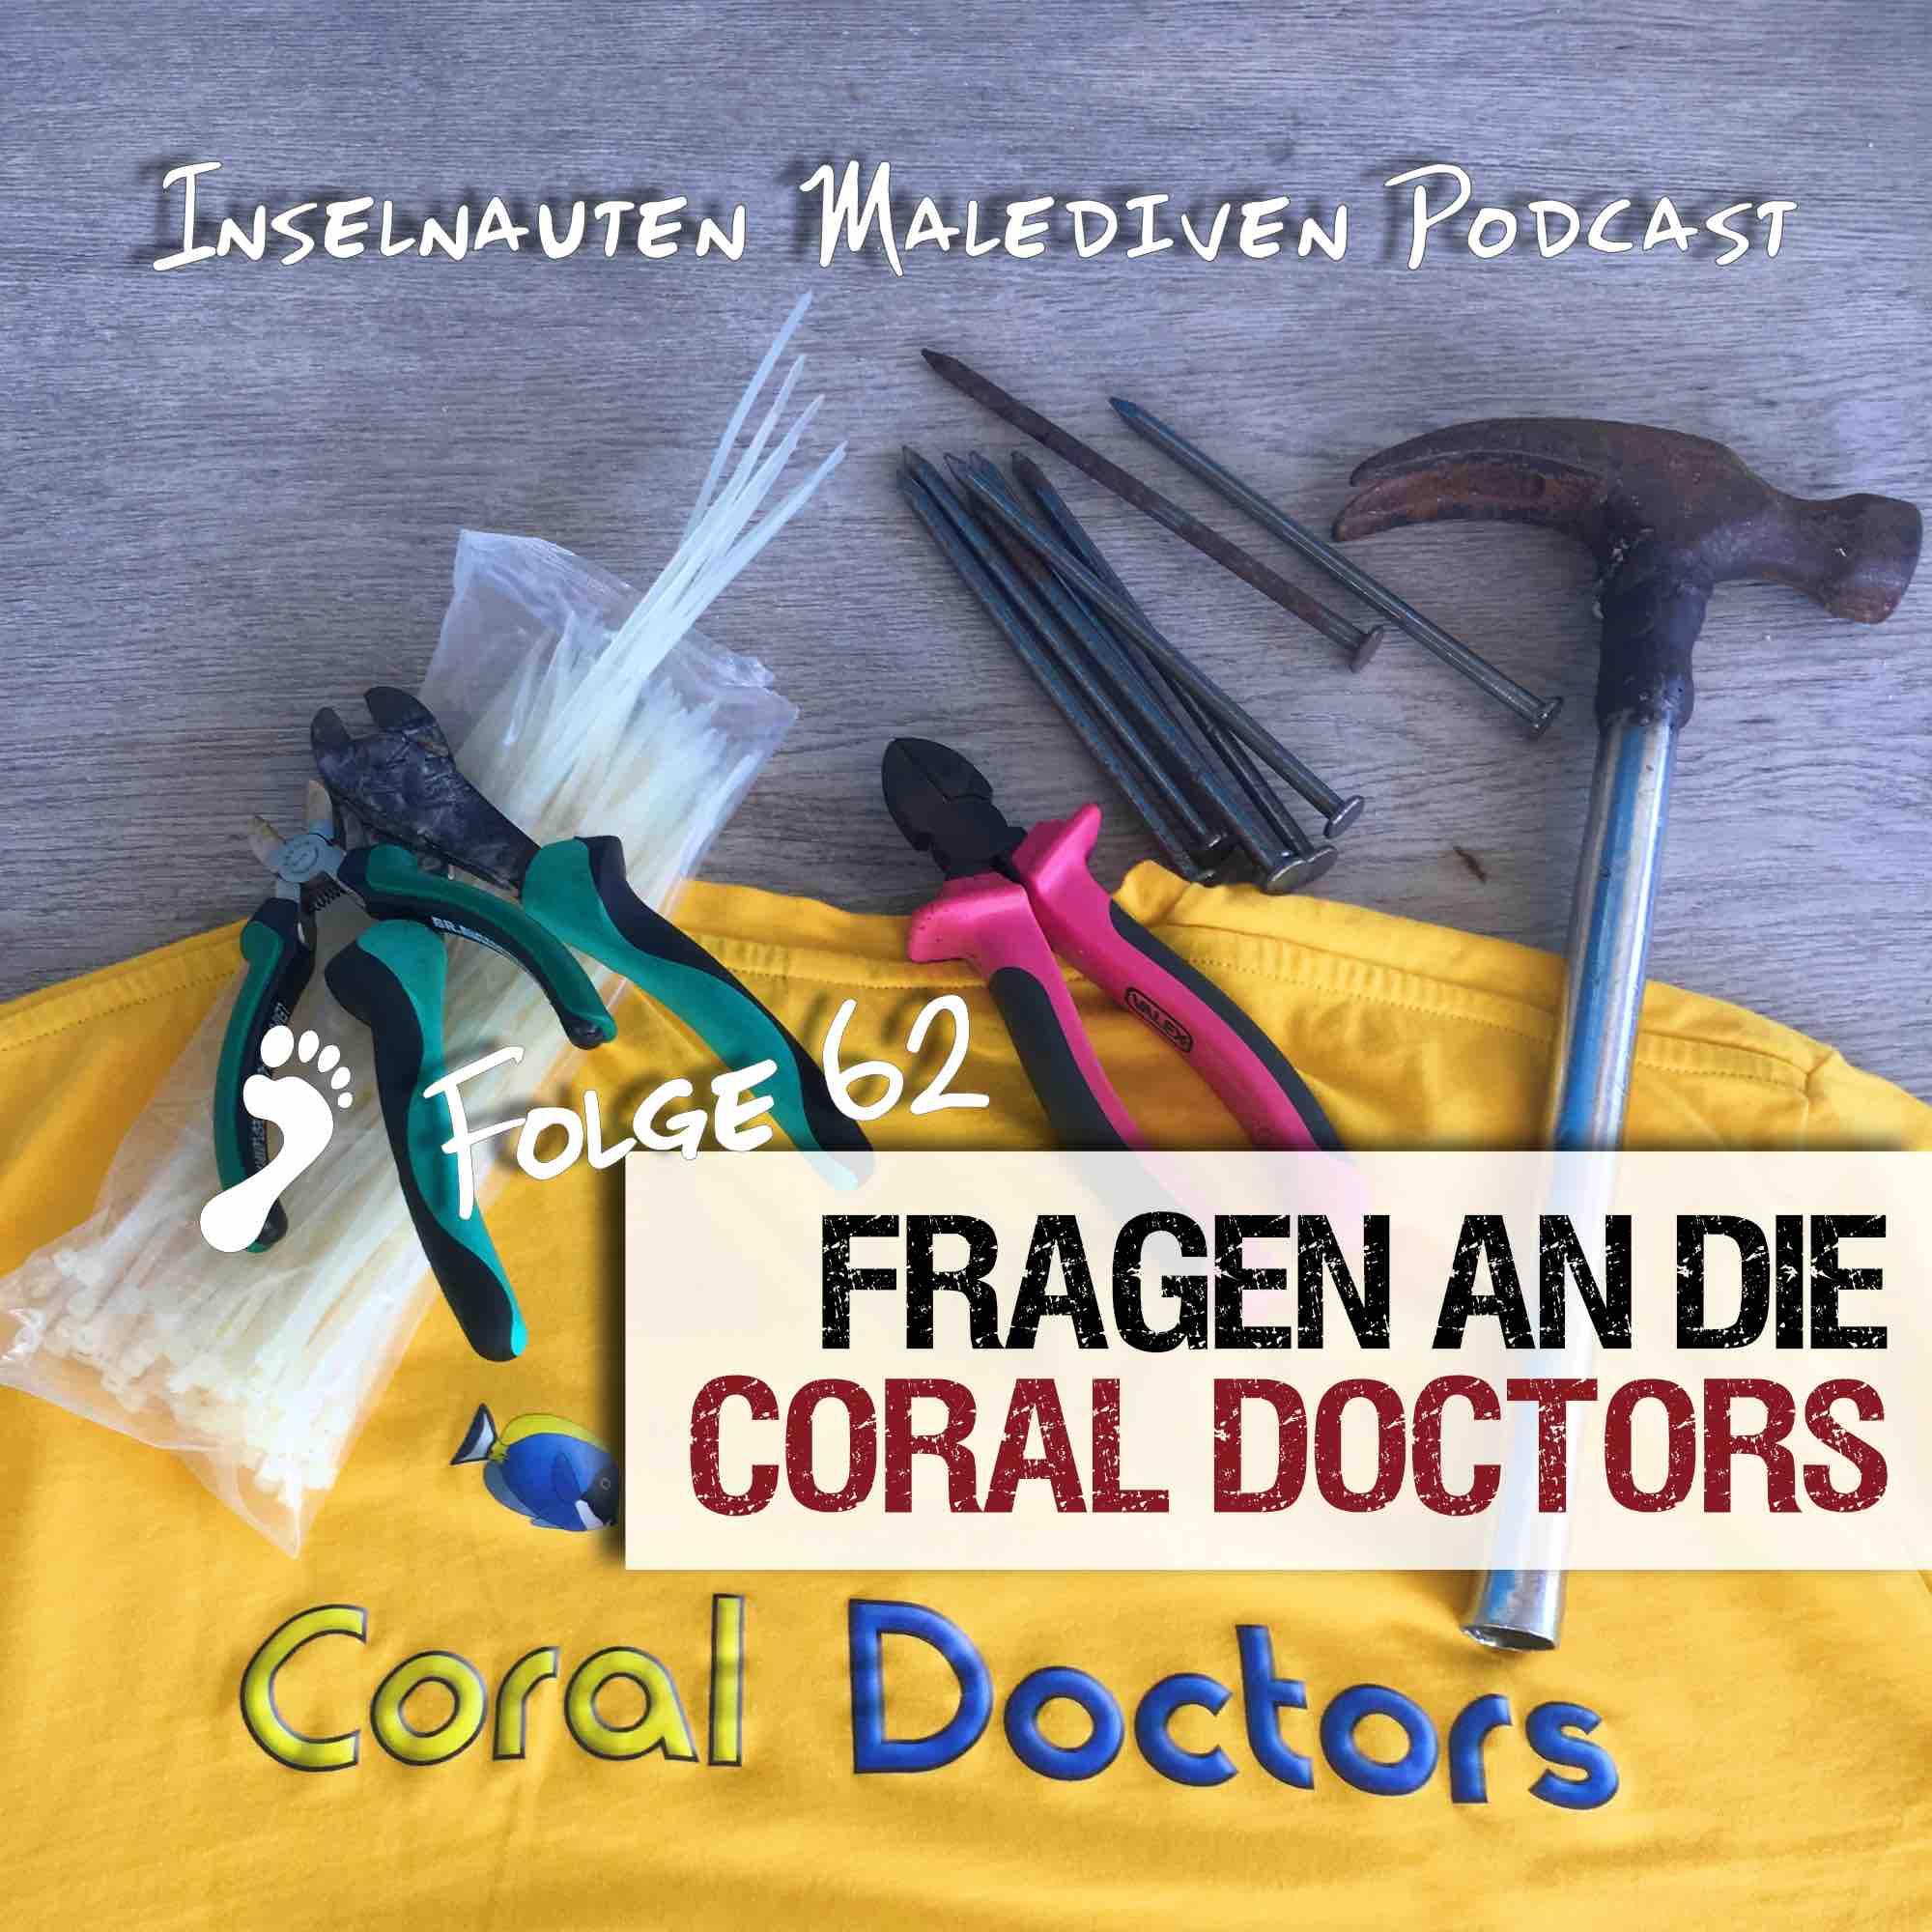 Coral Doctors Podcast Fragen